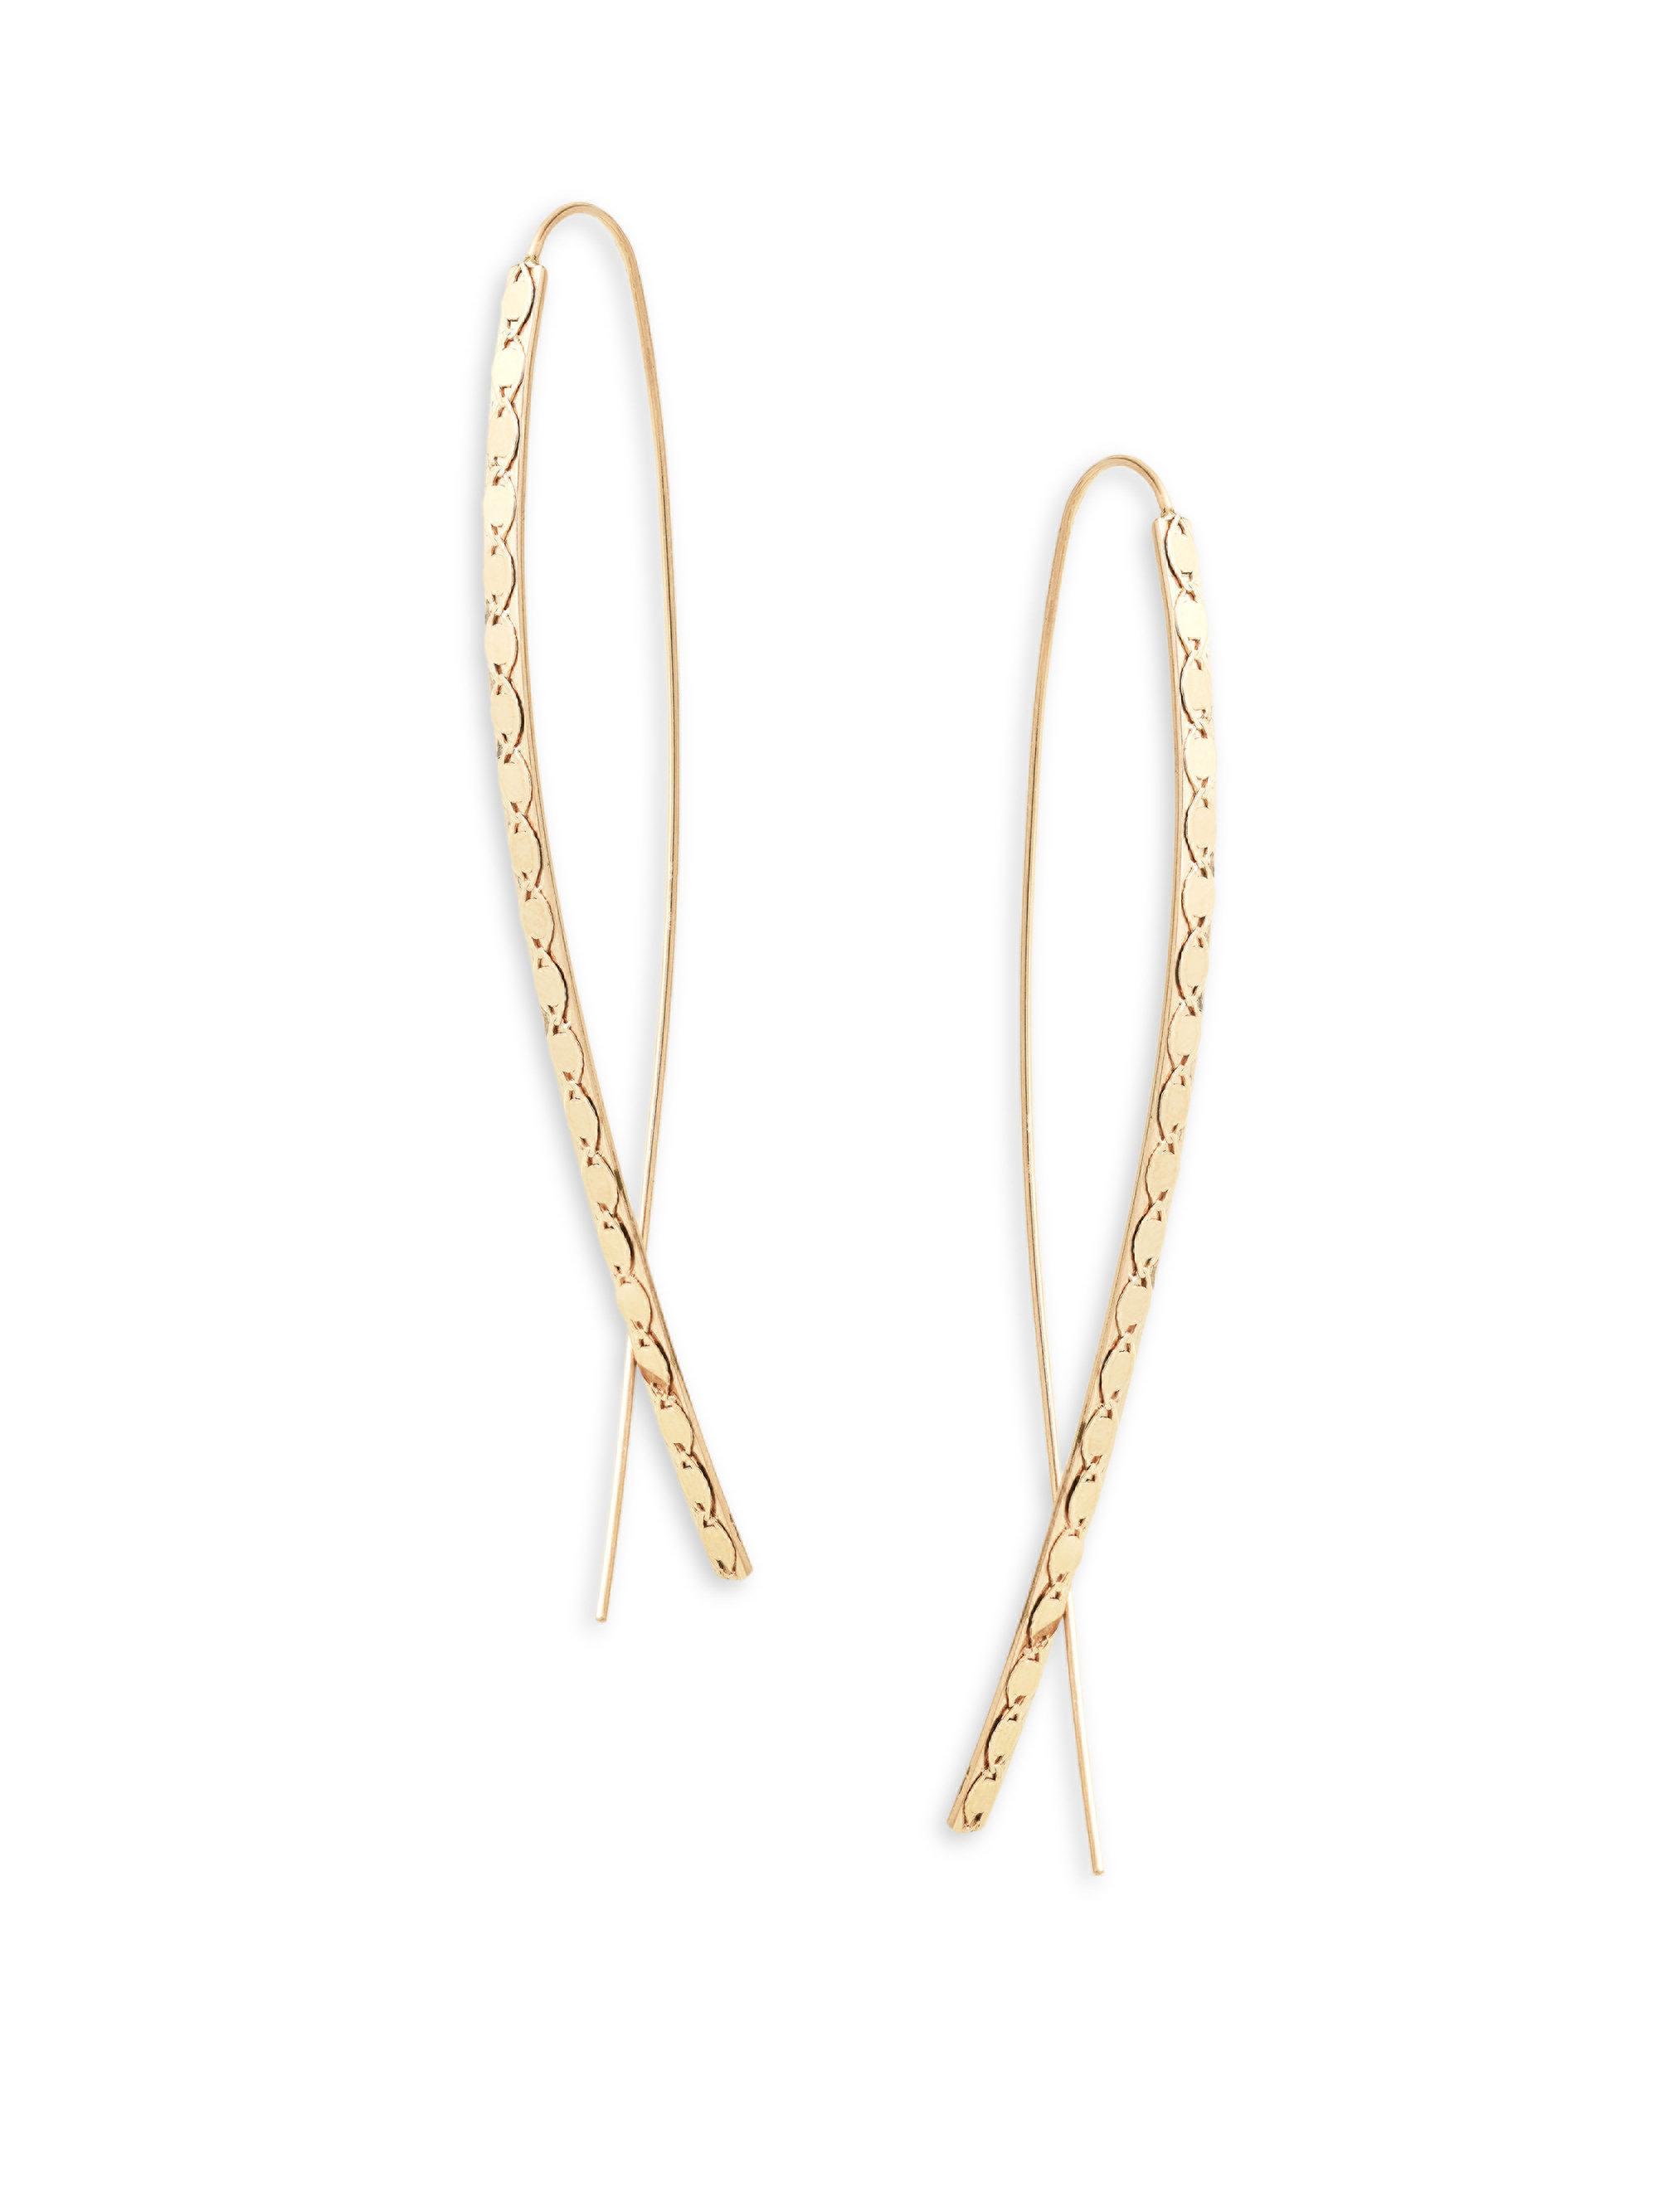 Lana Jewelry 14k Elite Narrow Upside Down Hoop Earrings H6kIEa9